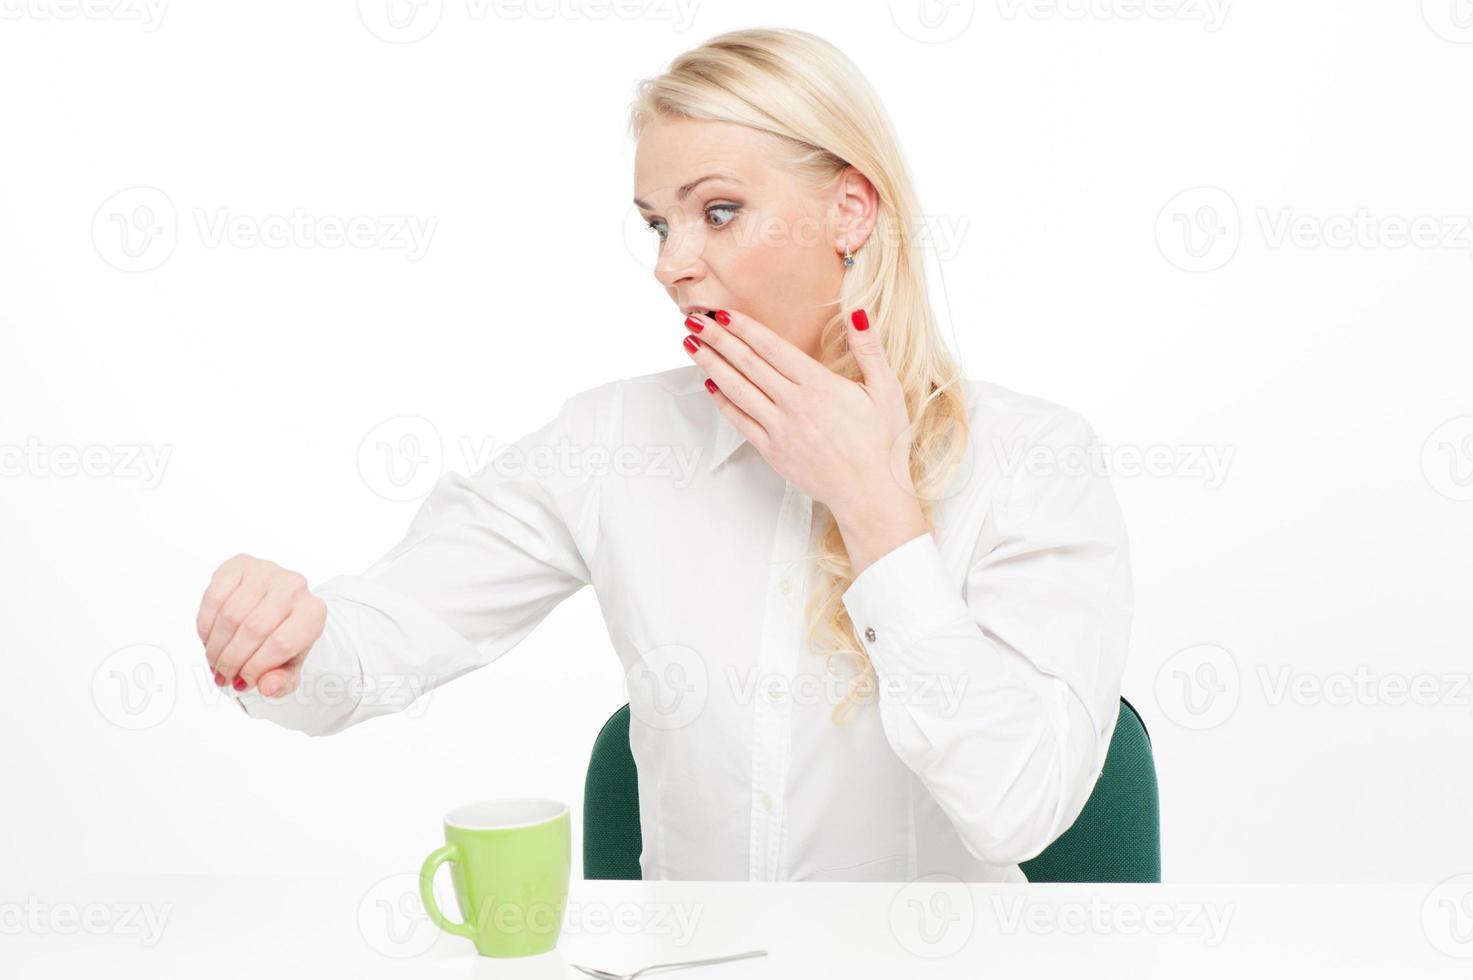 affärskvinna lås på sin klocka foto